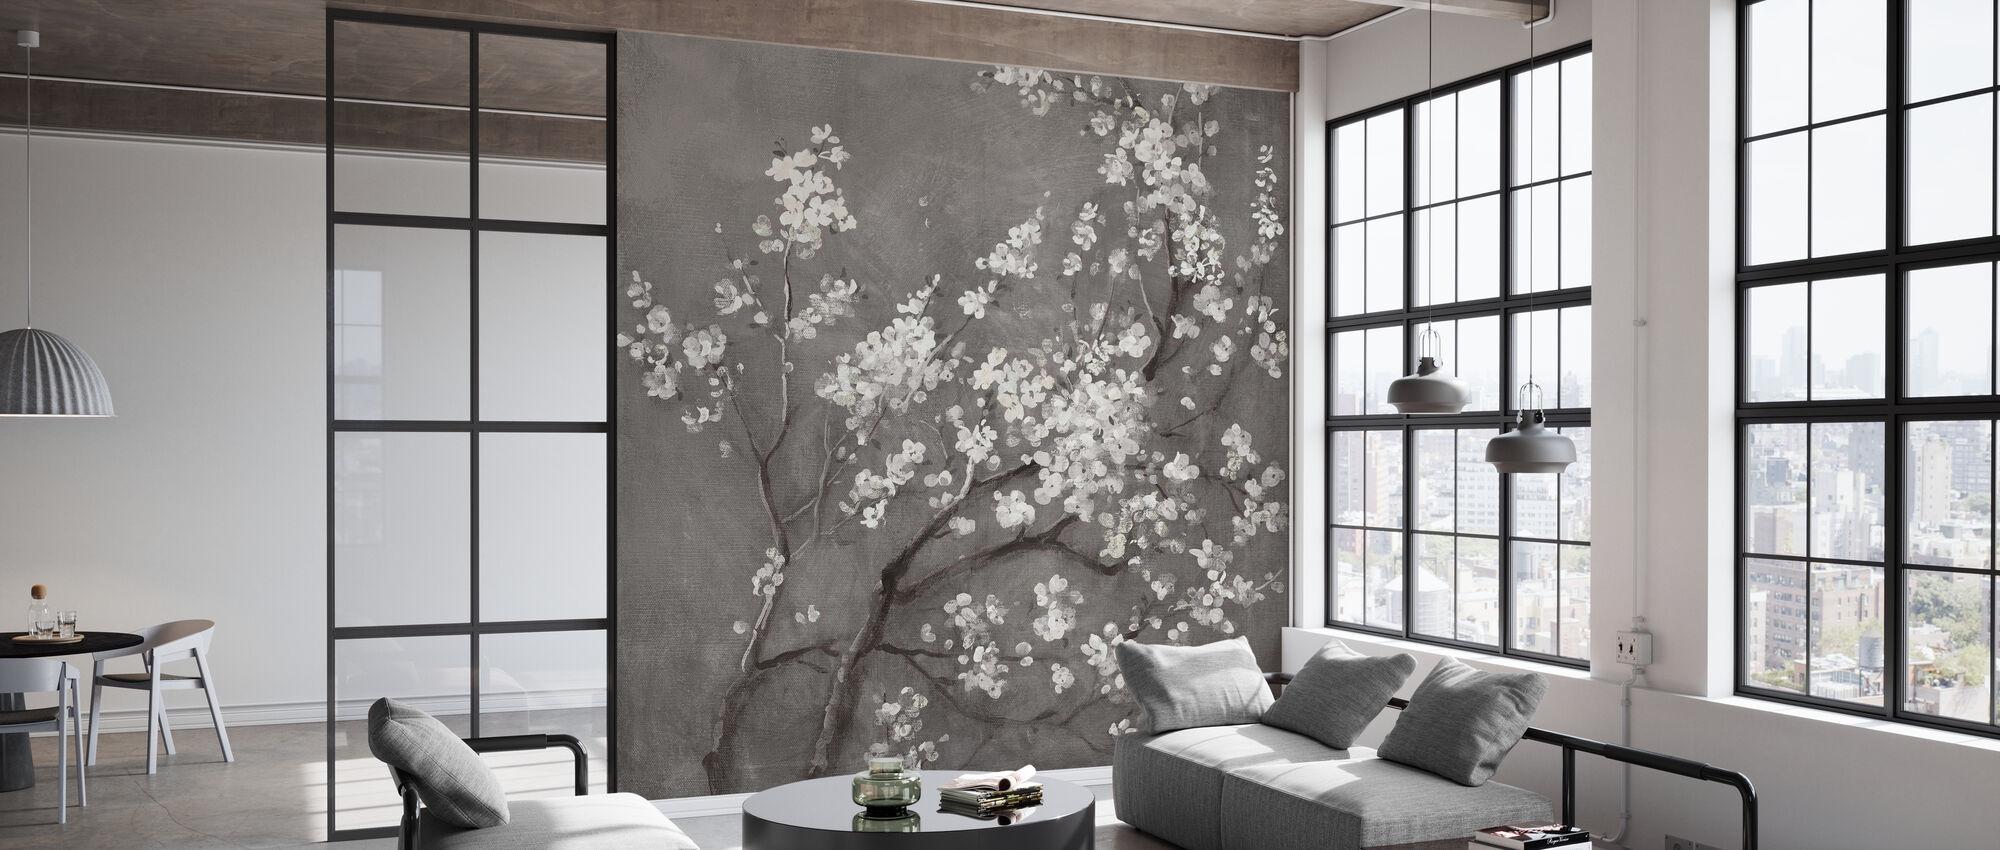 Hvite Cherry Blossoms jeg på grå avling - Tapet - Kontor